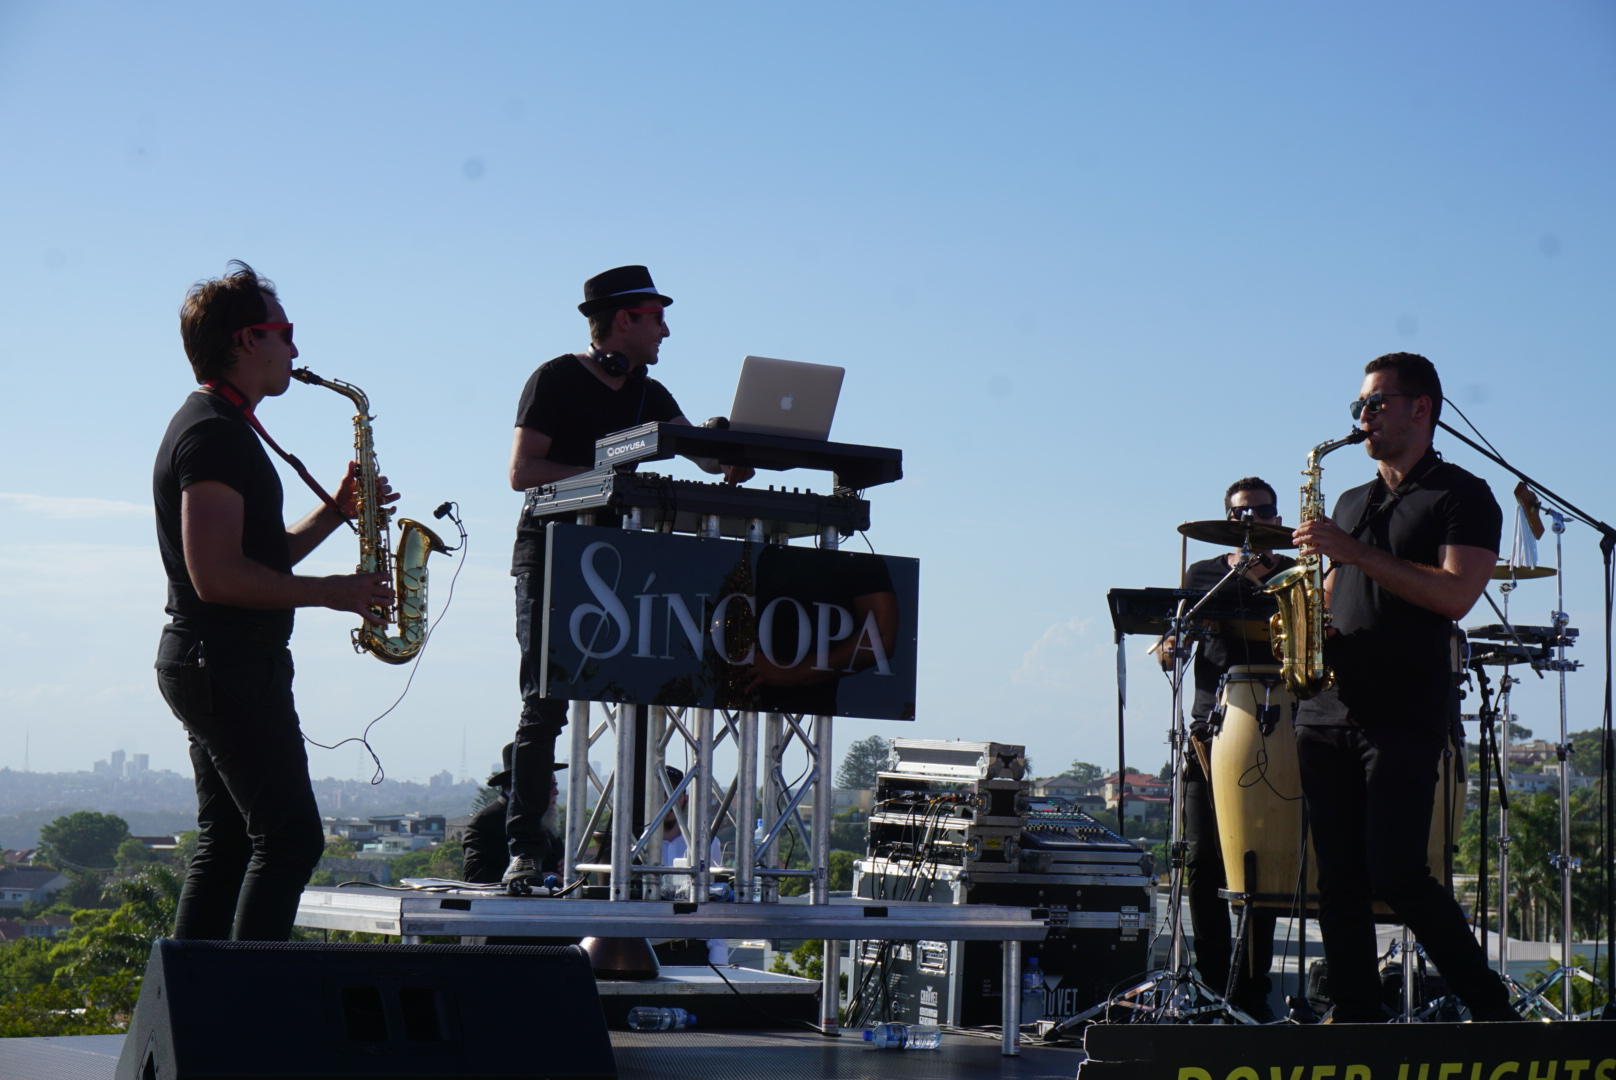 Sincopa Trio Sydney